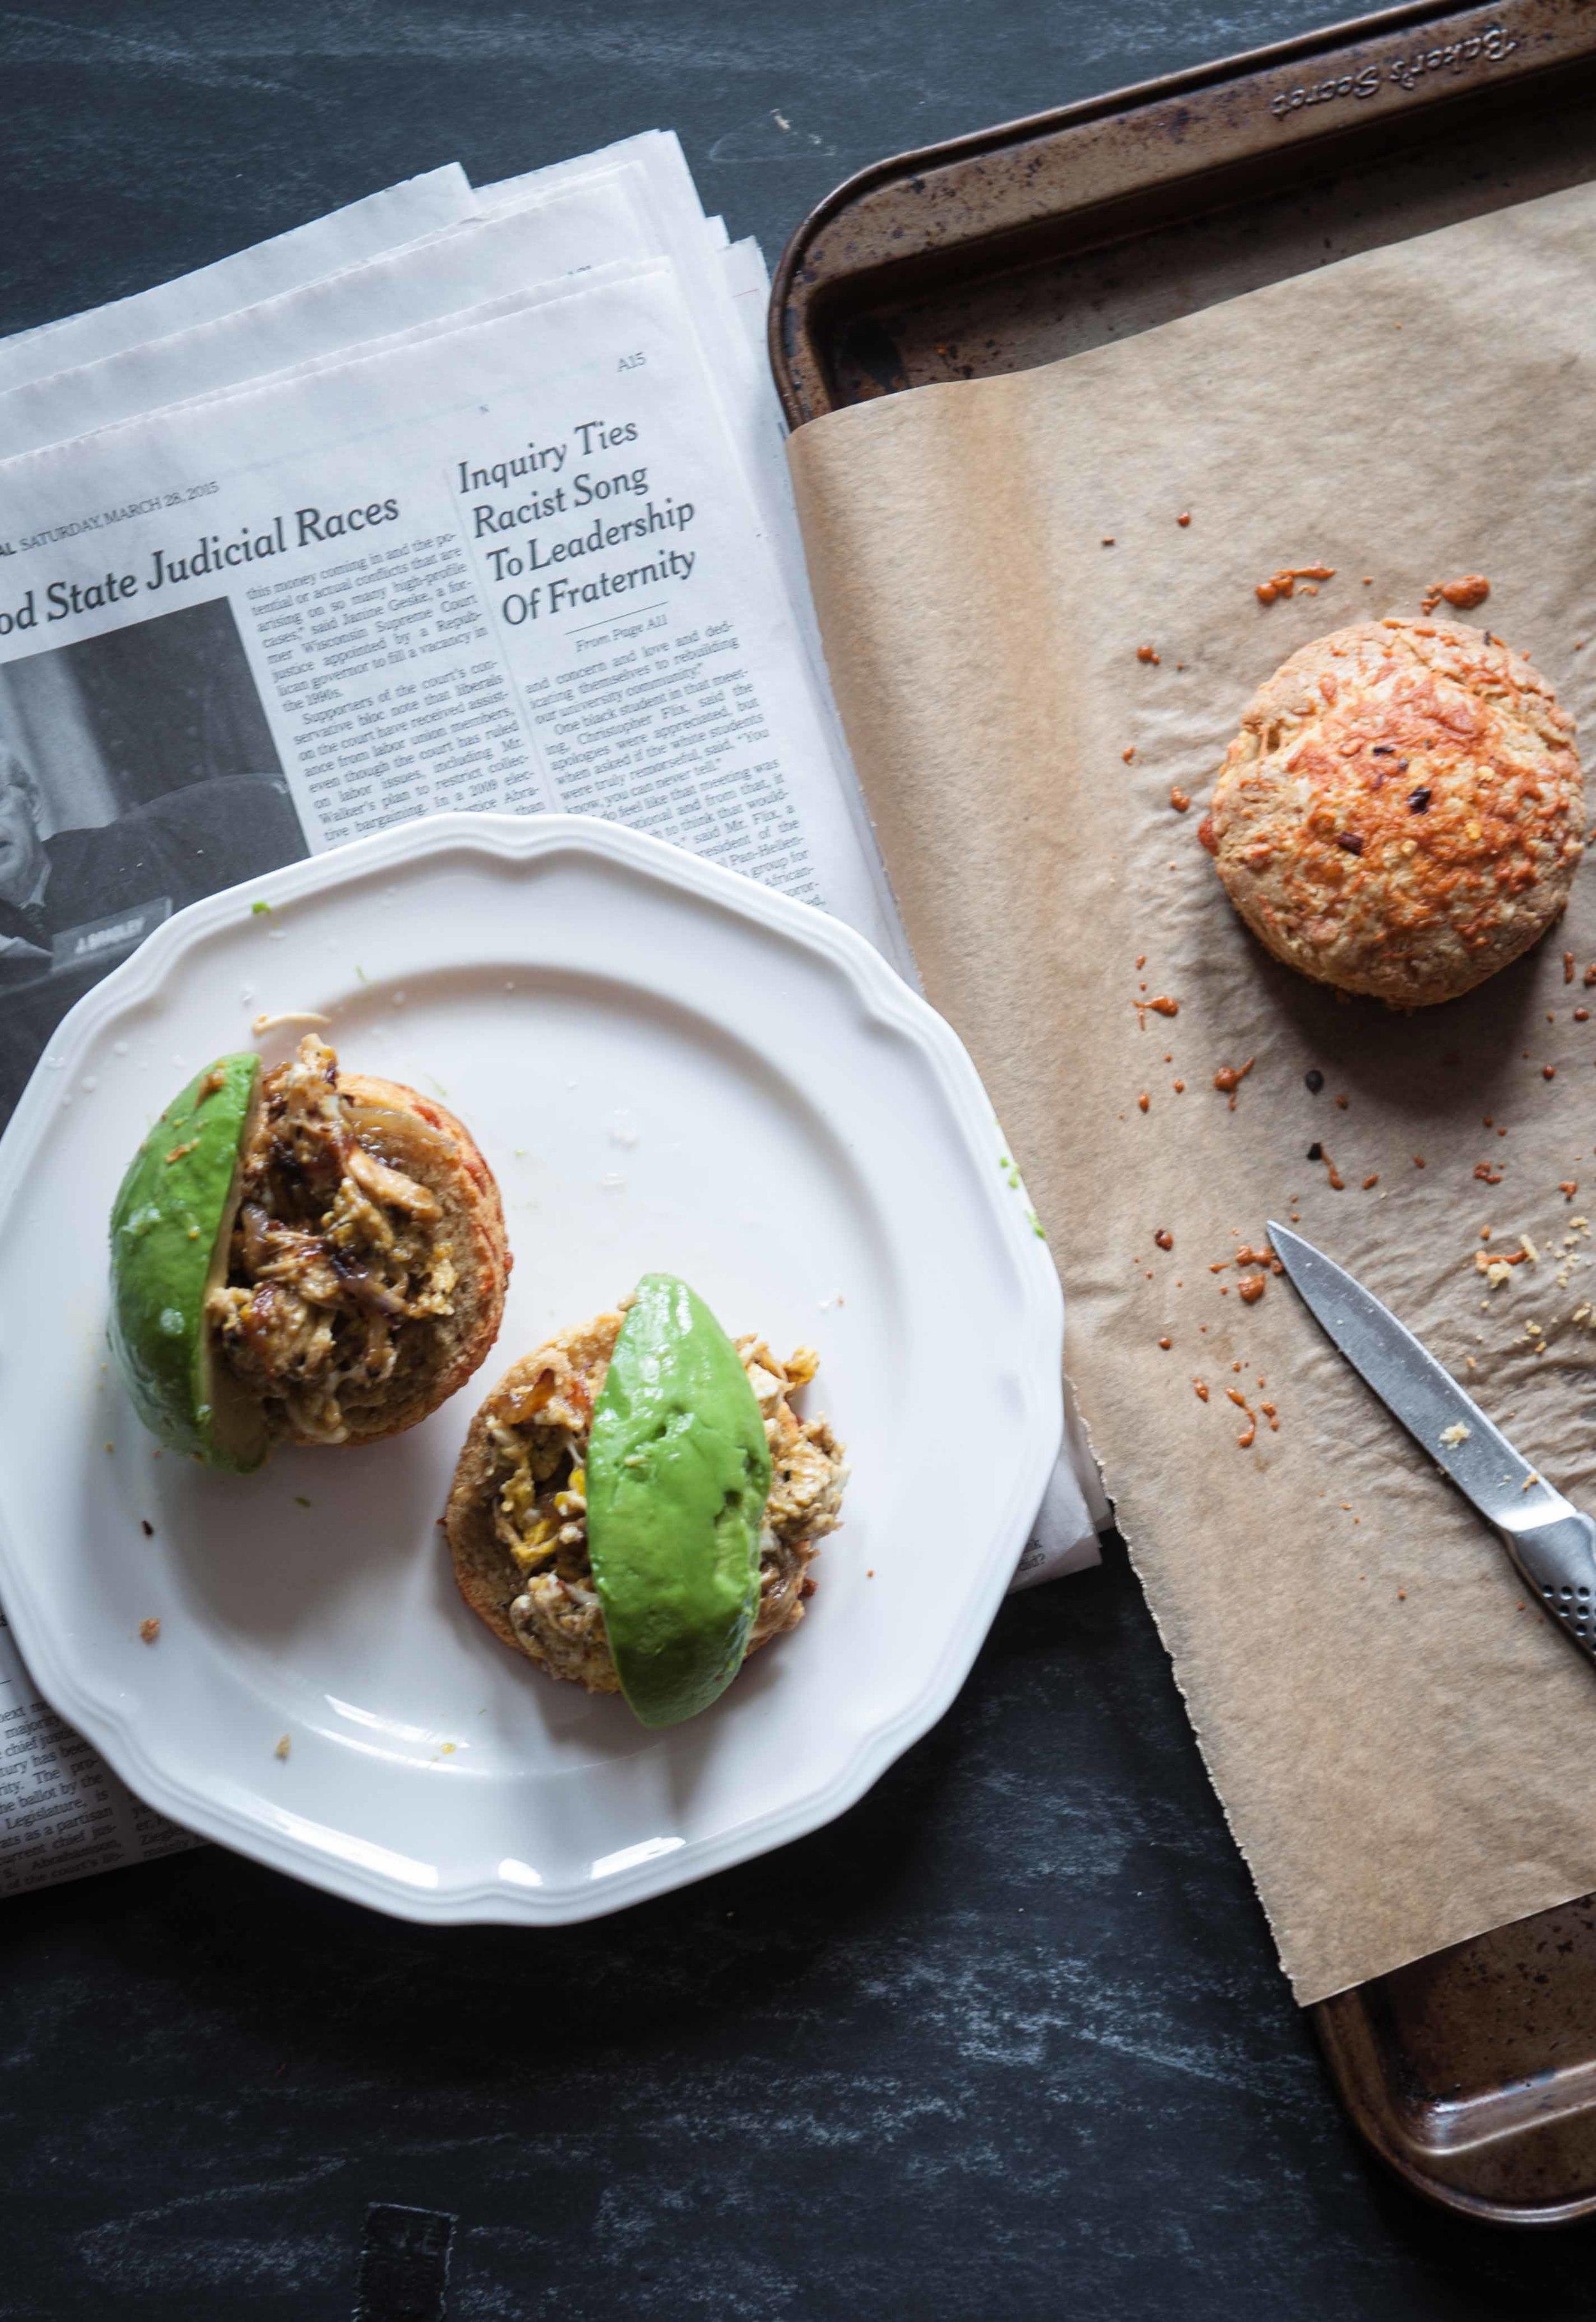 scones-served-for-breakfast.jpg